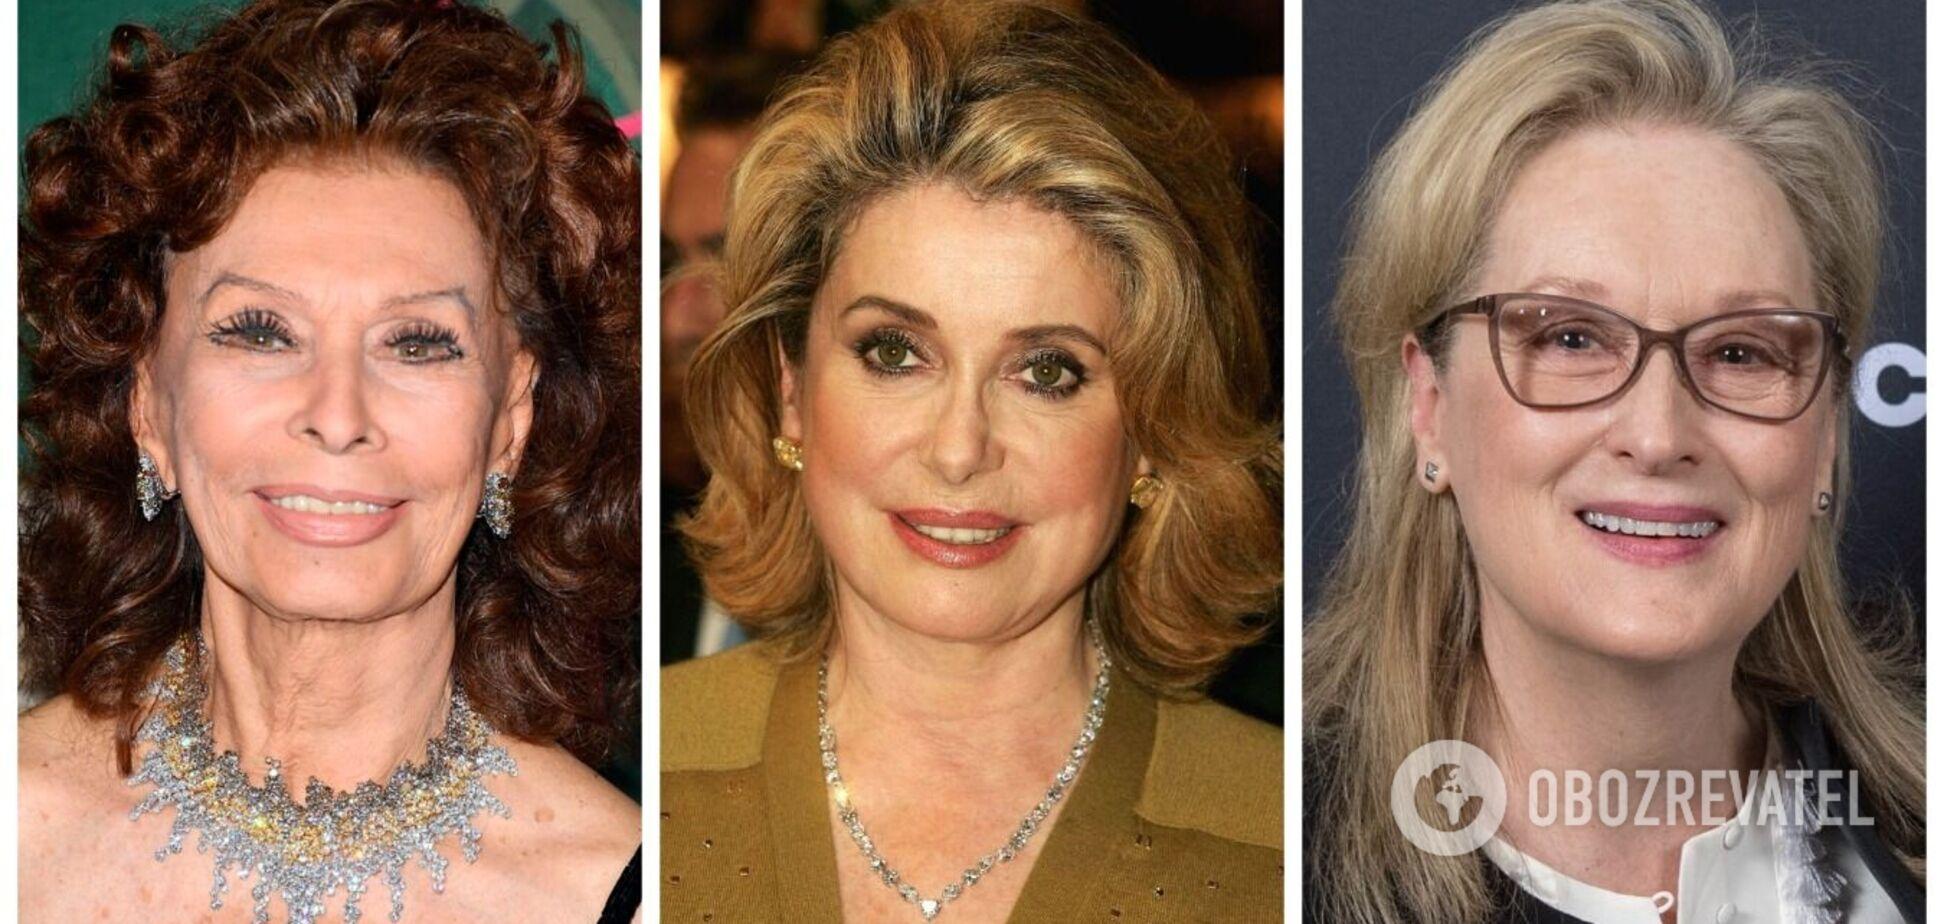 Софі Лорен, Катрін Деньов та інші акторки в молодості і зараз. Фотопорівняння